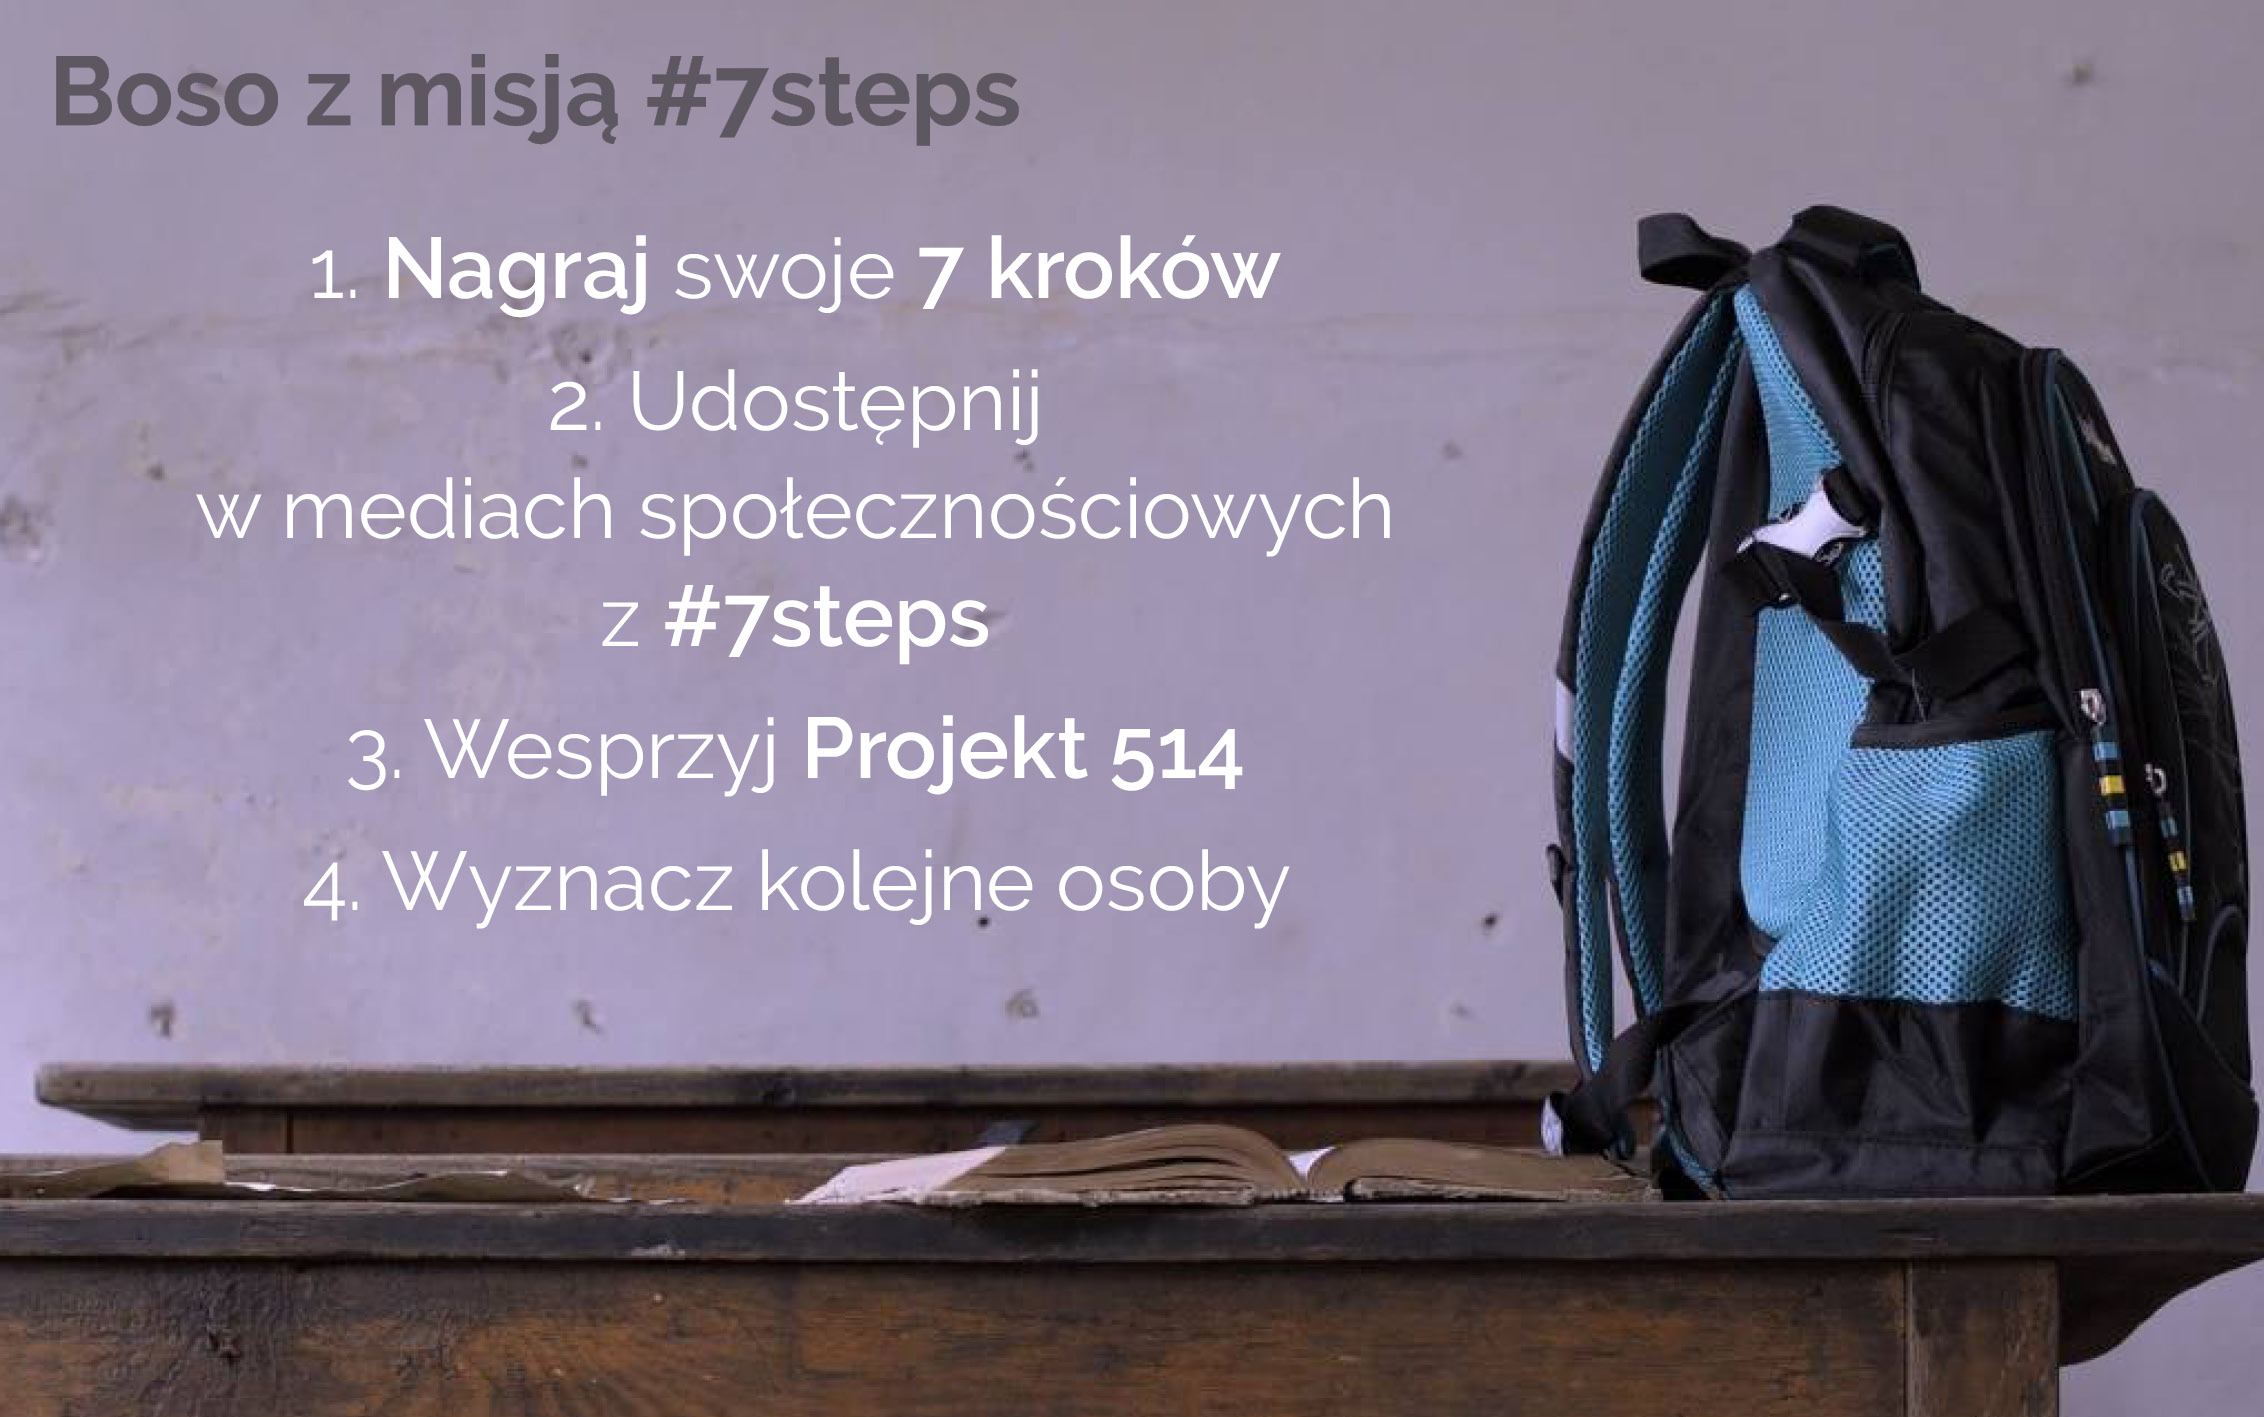 KAMPANIA - #7STEPS - BOSOS Z MISJĄ - INSTRUKCJA